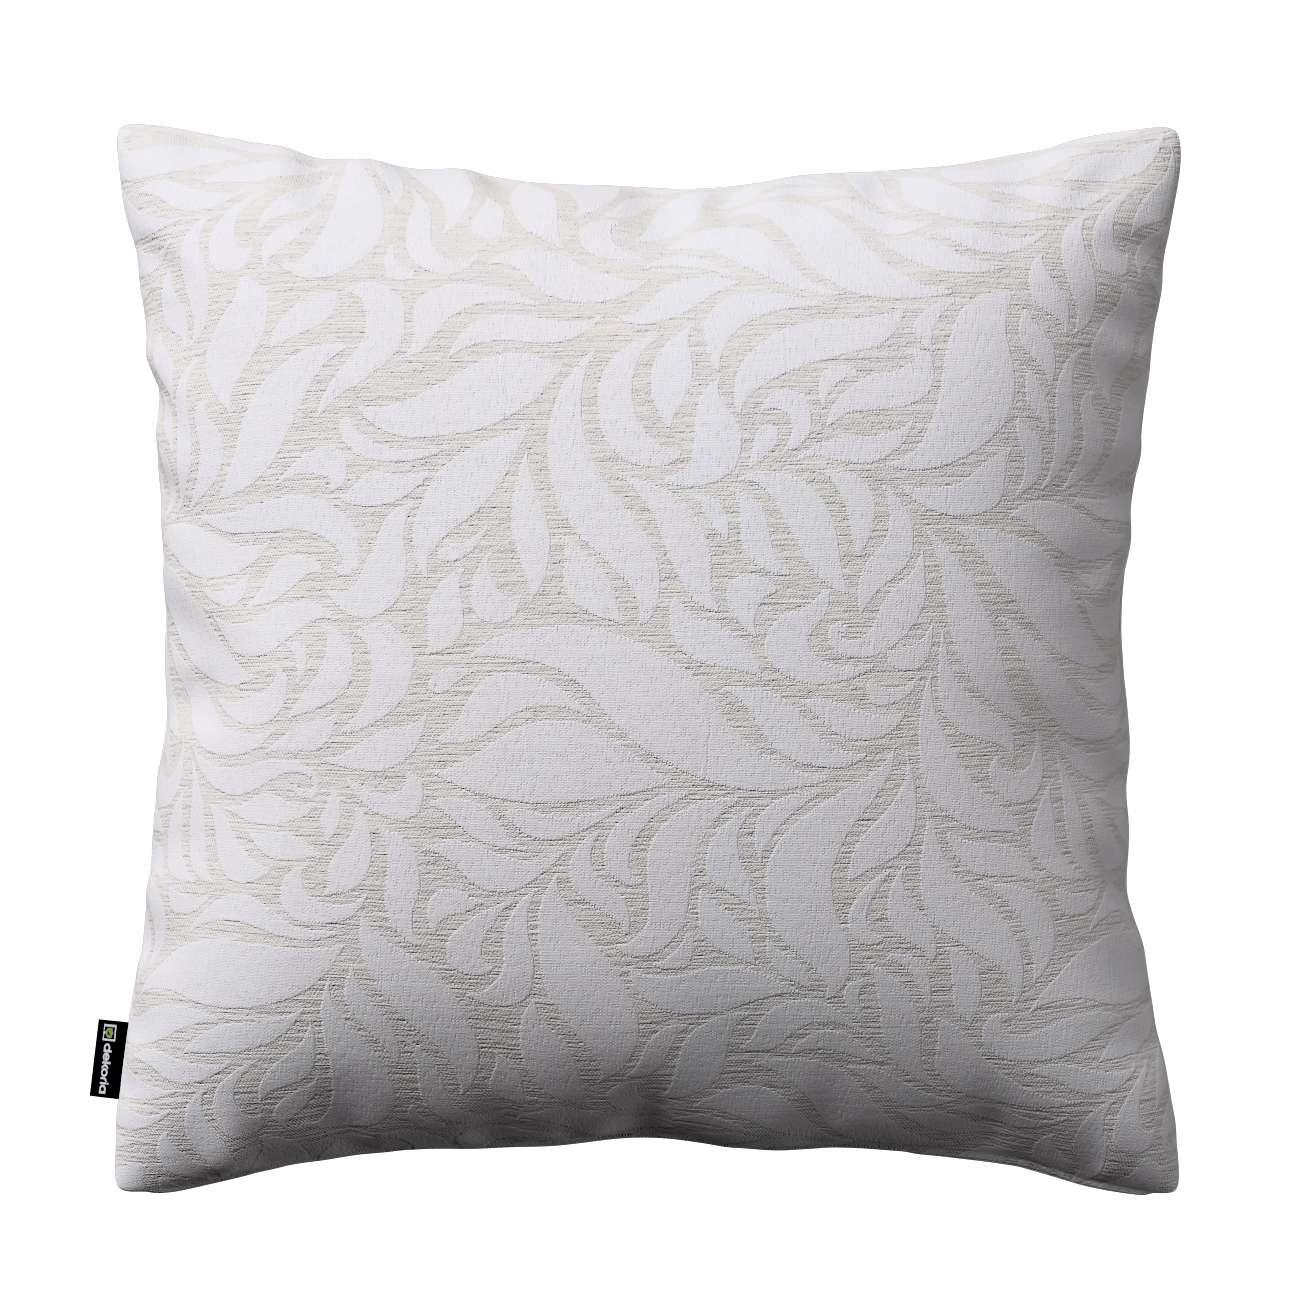 Kinga dekoratyvinės pagalvėlės užvalkalas 43 x 43 cm kolekcijoje Venice, audinys: 140-50